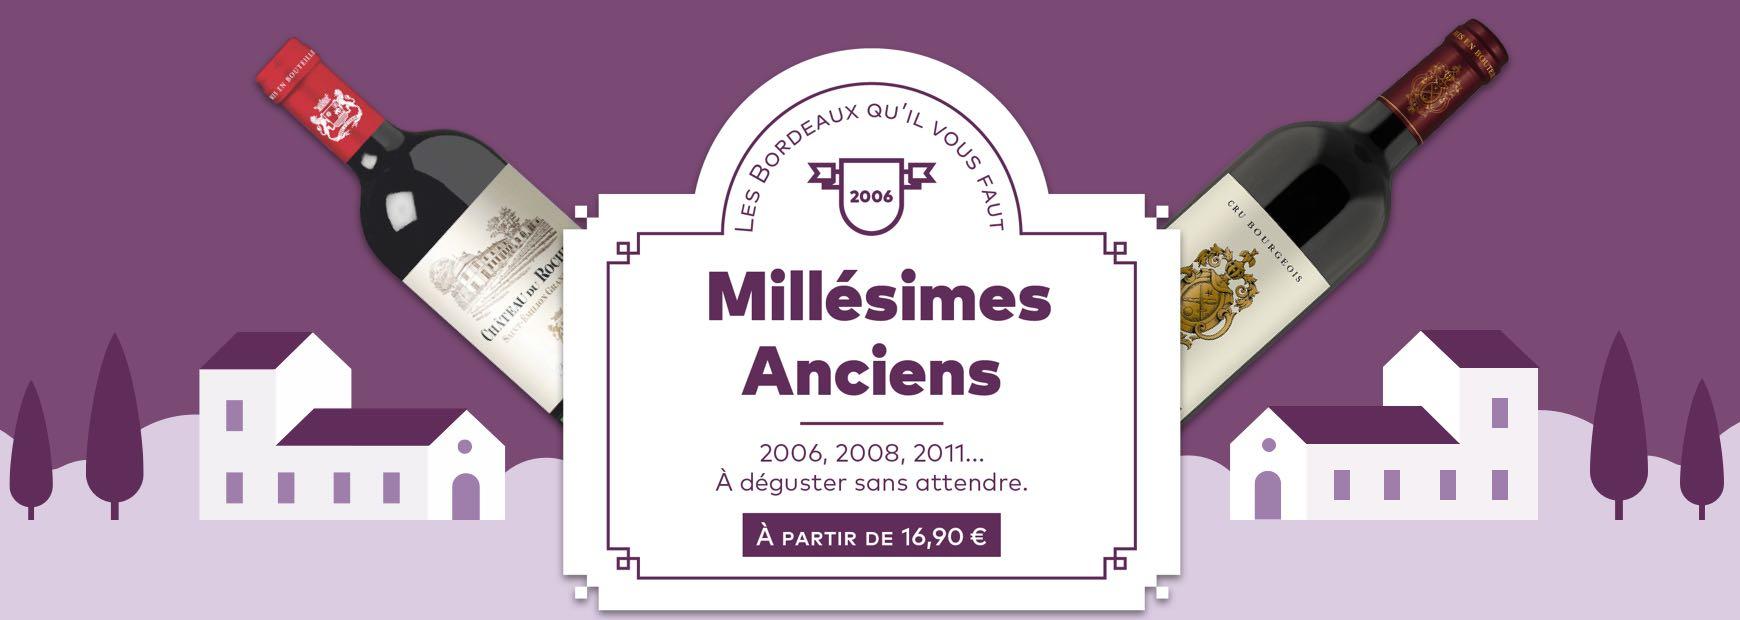 Les millésimes anciens